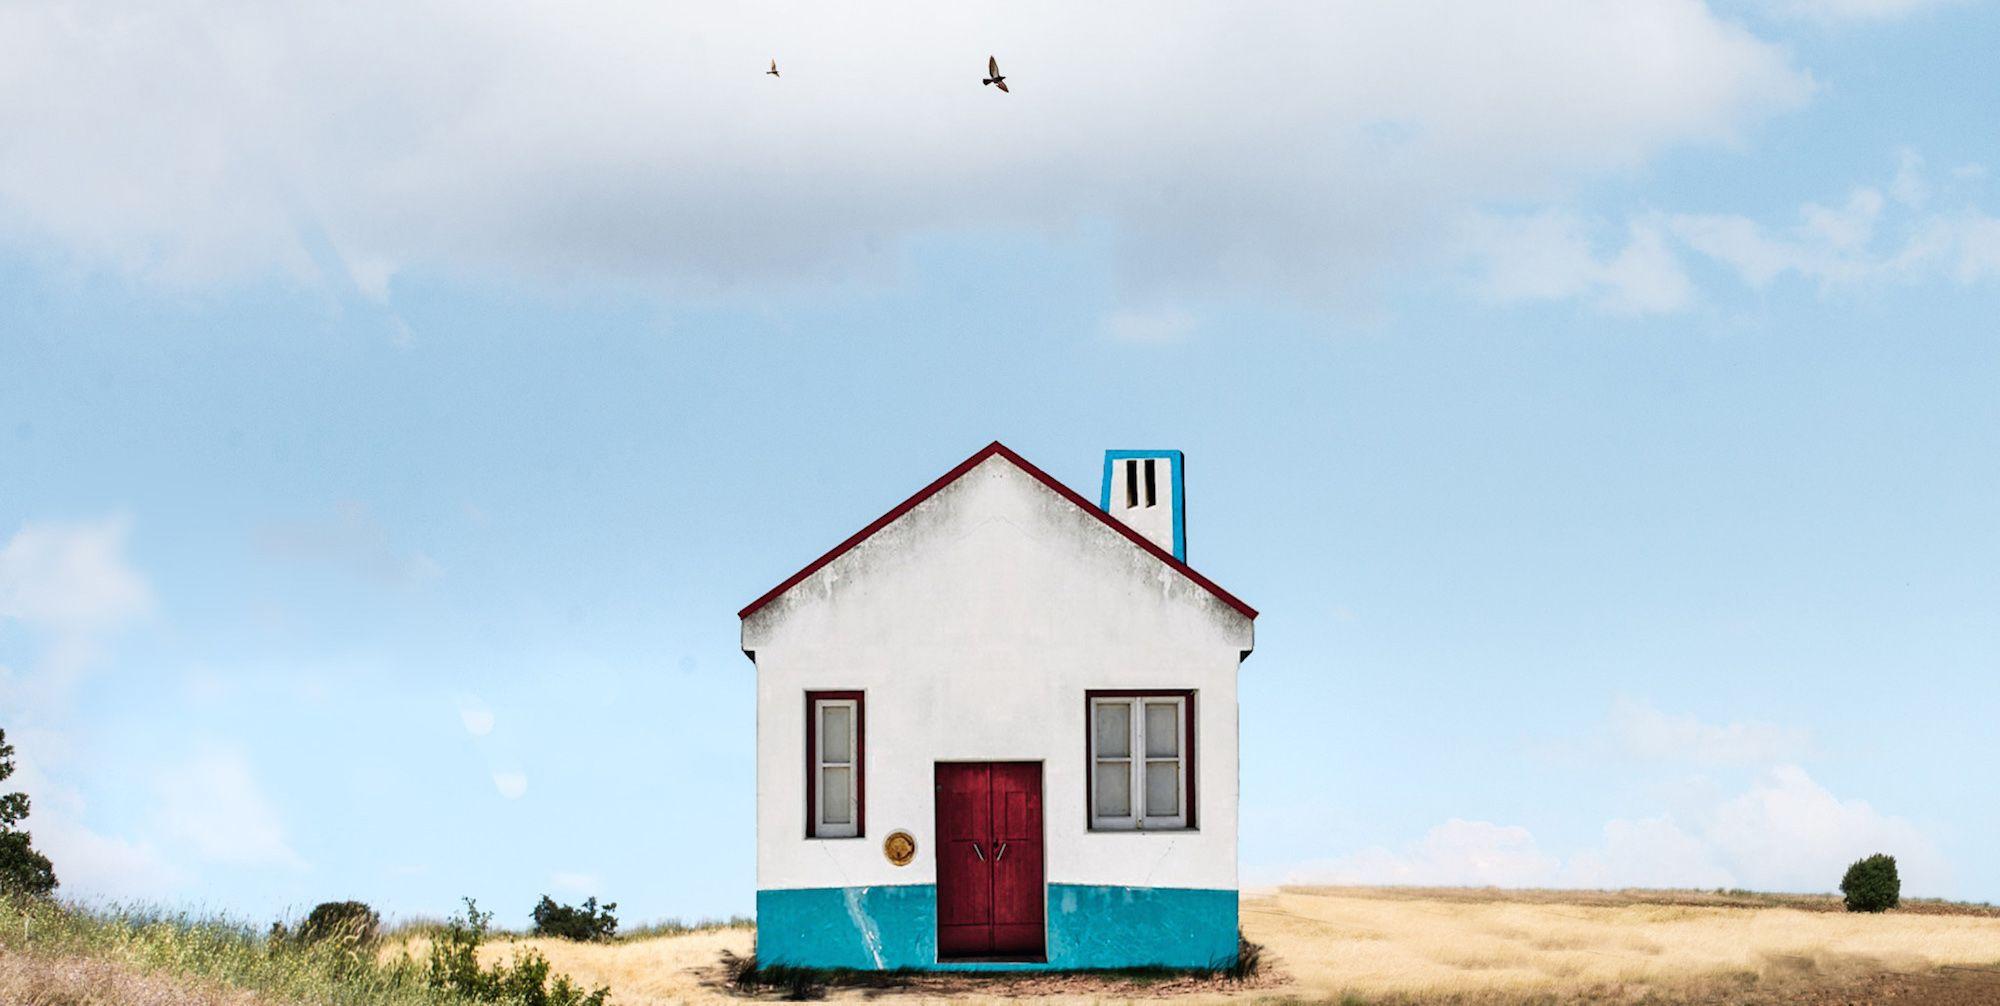 Las casas solitarias de Sejkko